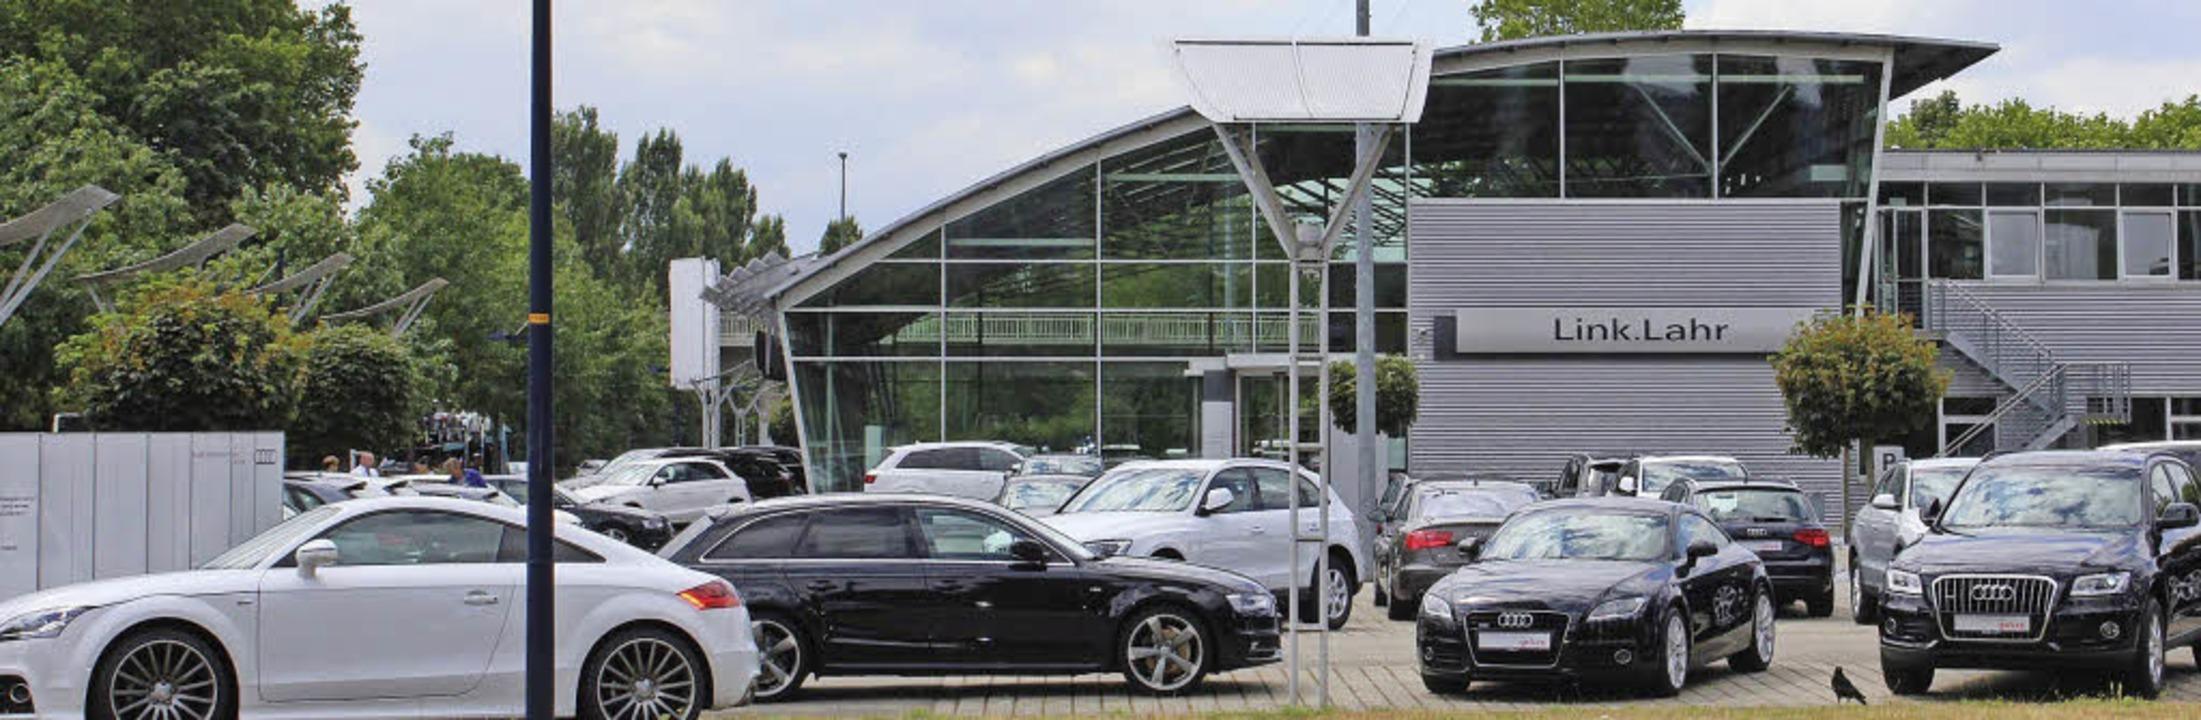 Der Audi-Betrieb Link  prägt das Bild am westlichen Stadteingang von Lahr.  | Foto: karin kaiser